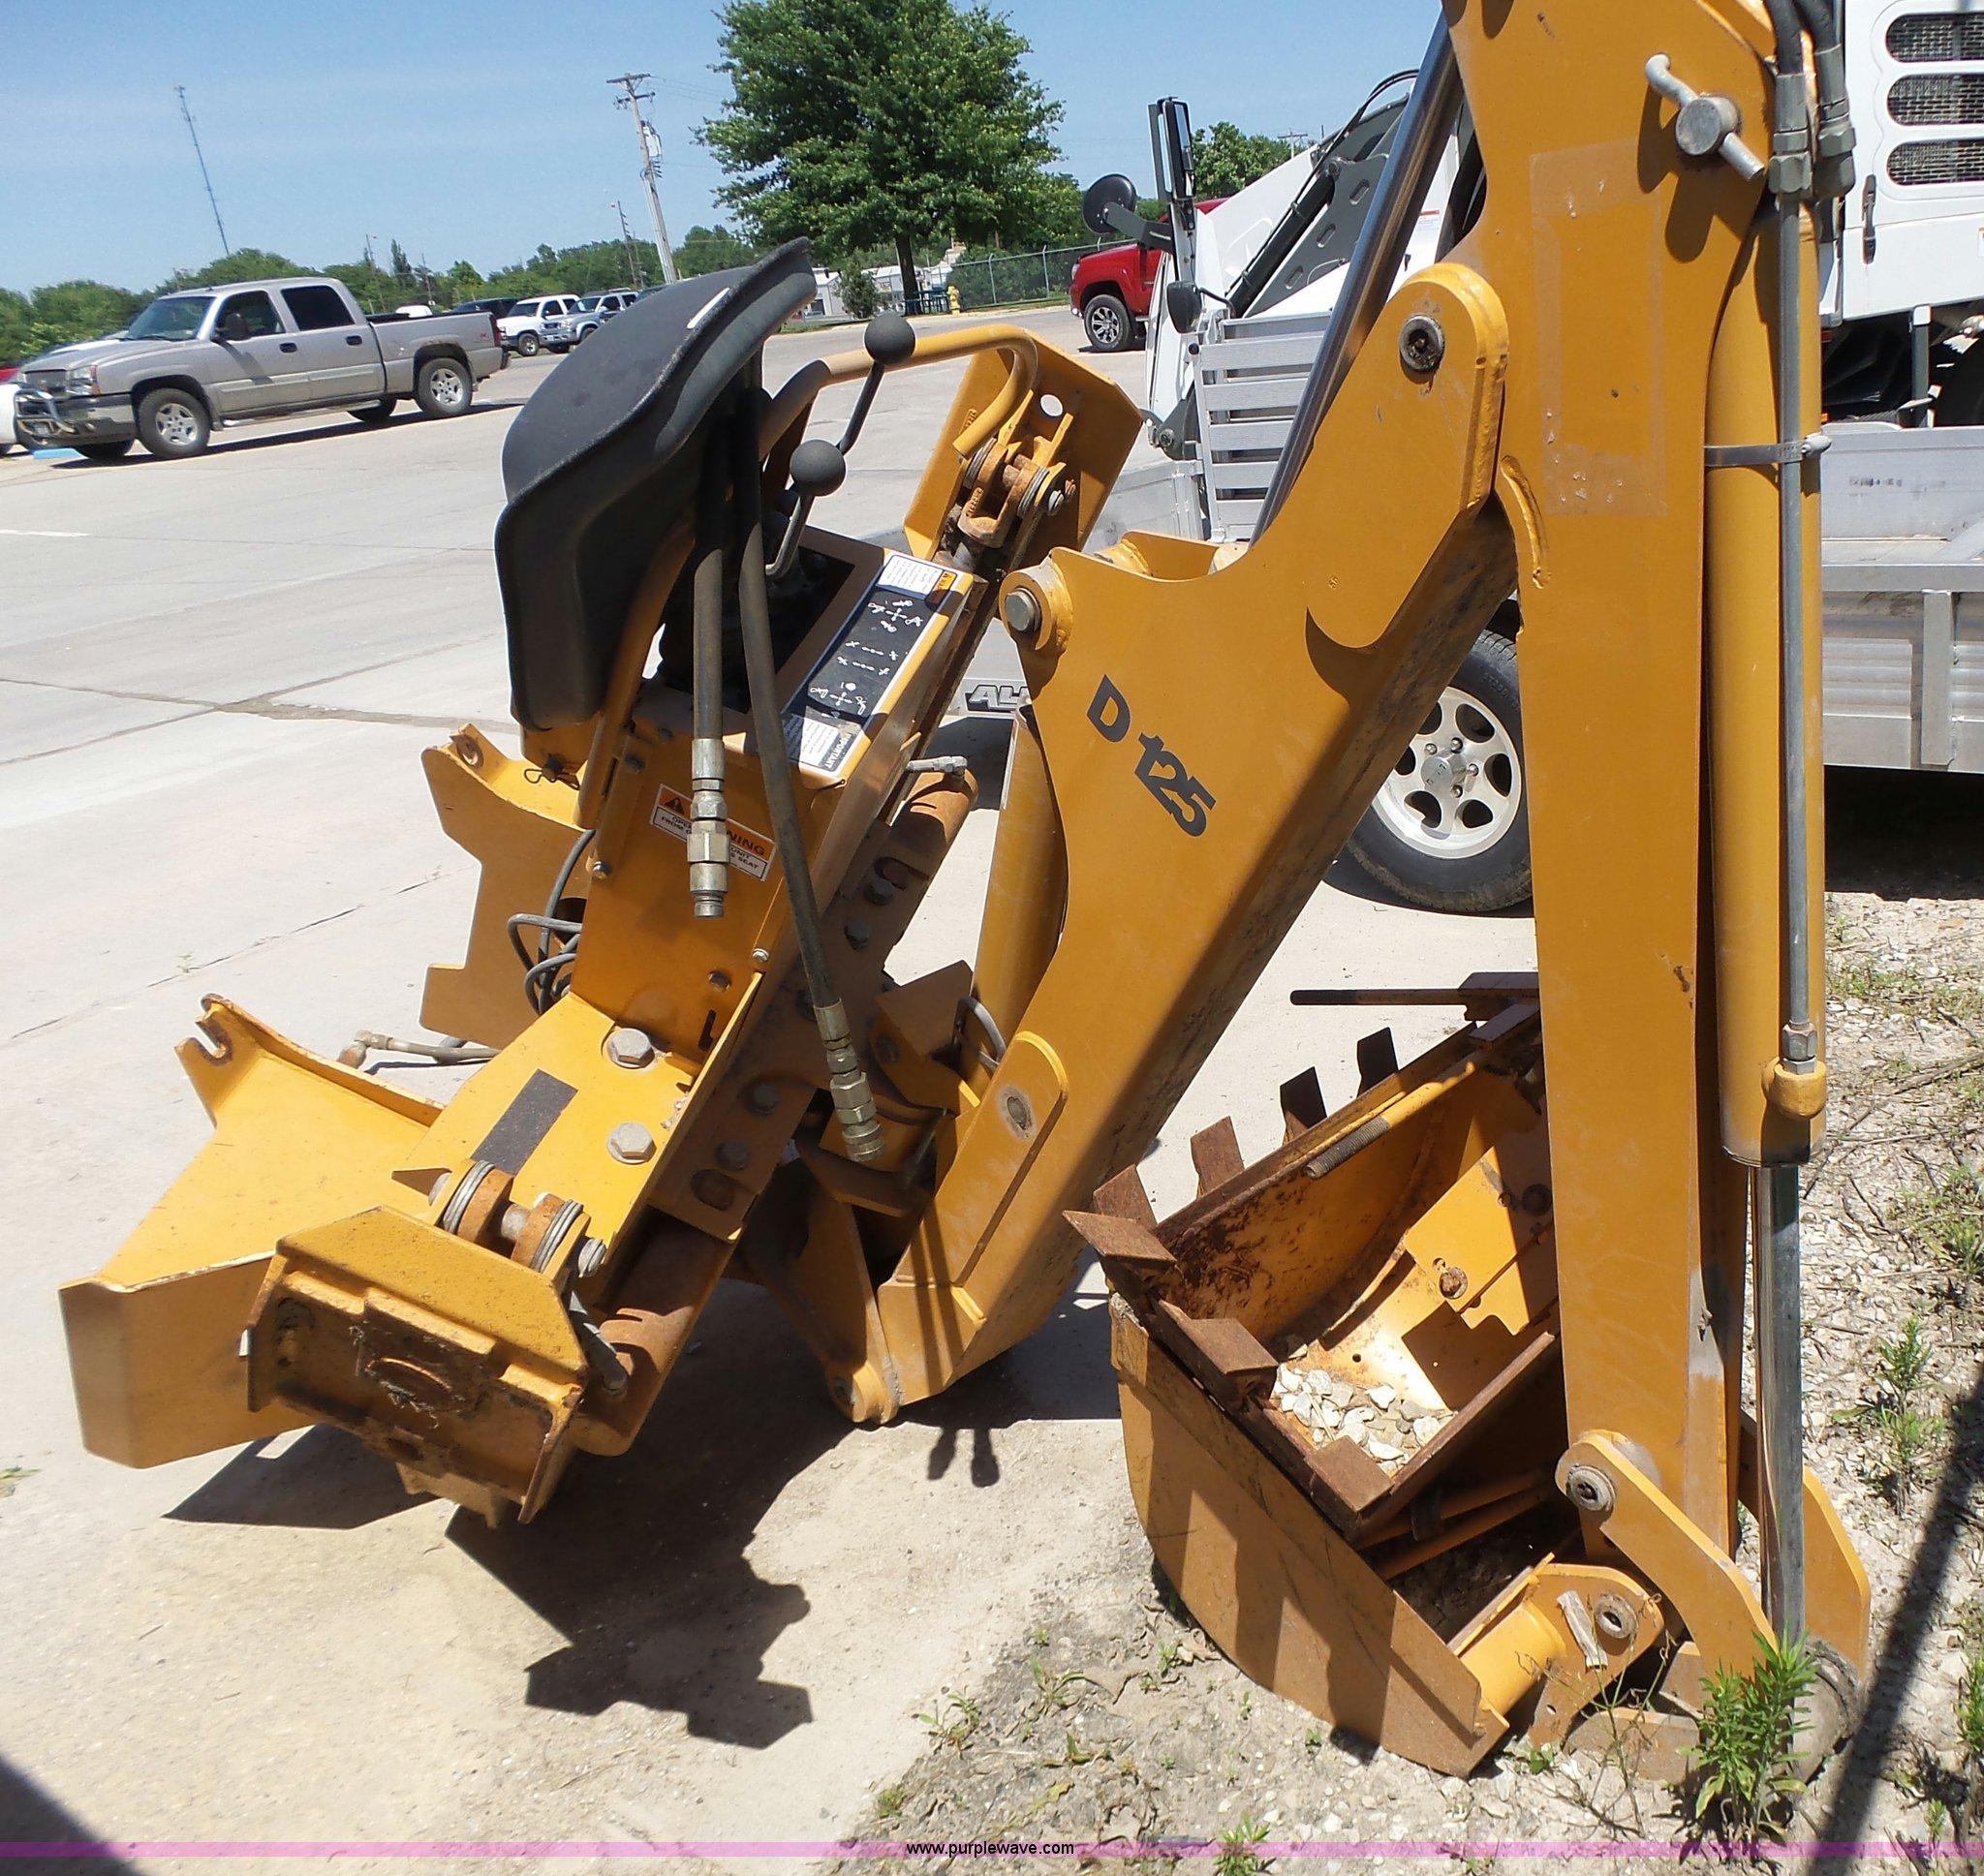 Case D125 skid steer backhoe attachment   Item L6099   SOLD!